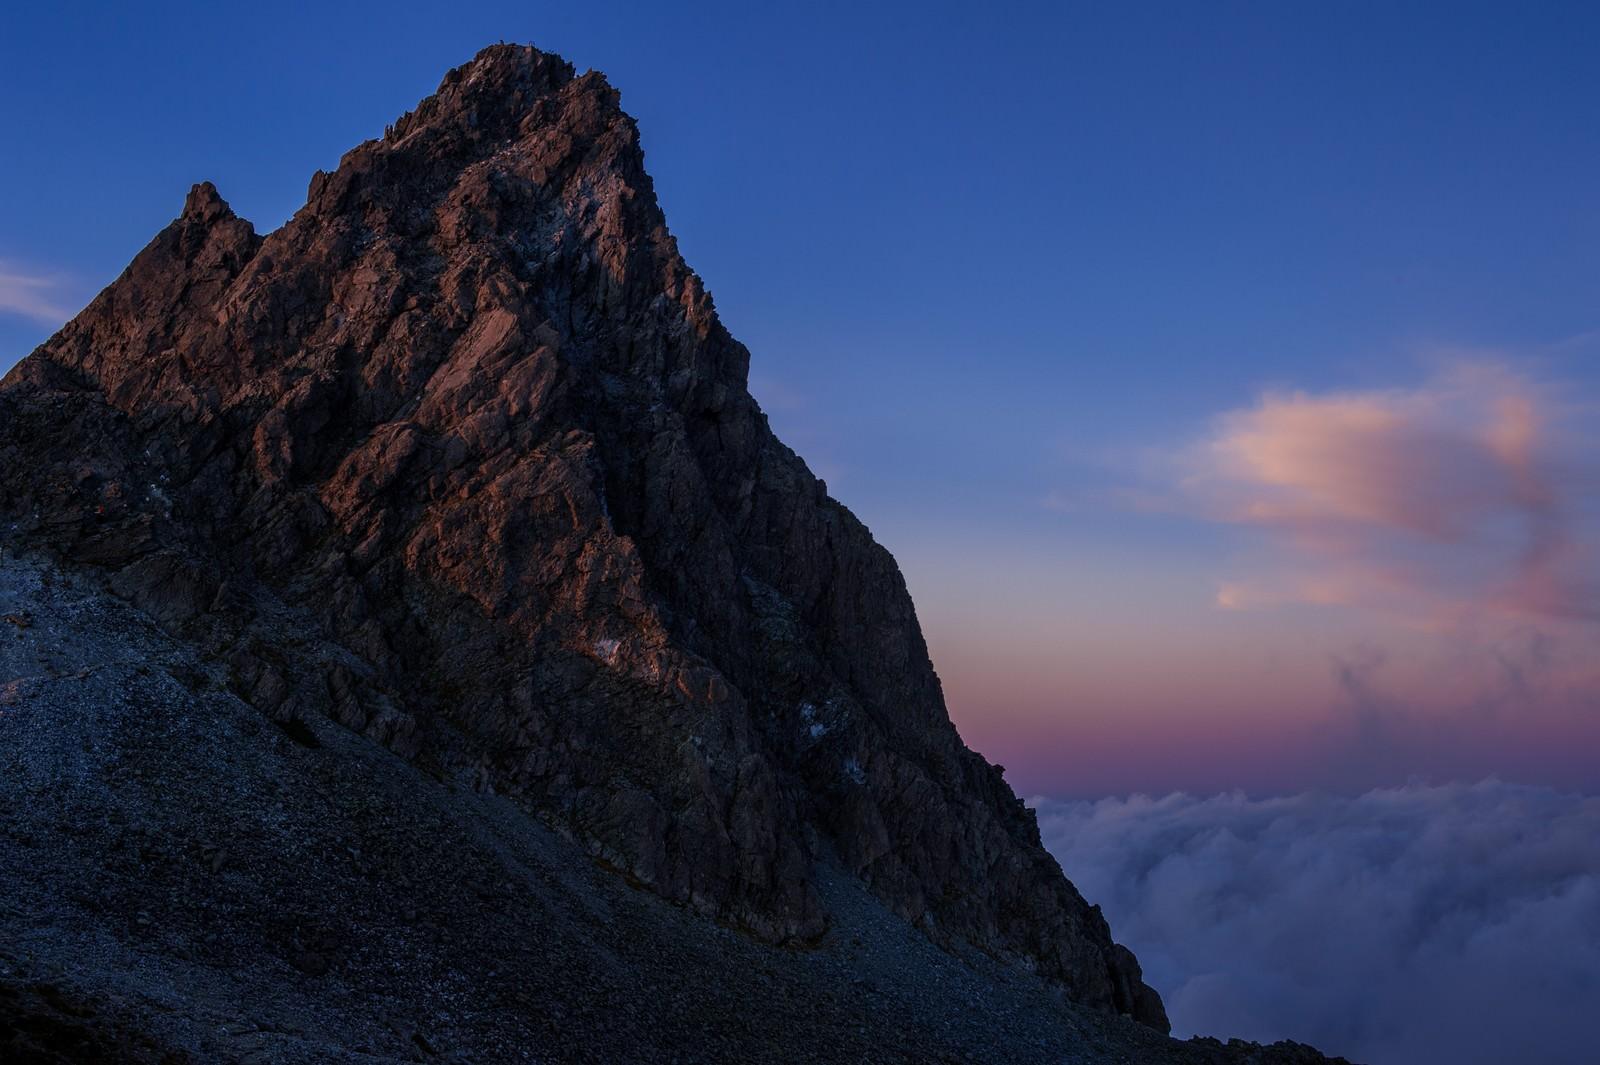 「日没後の残光に淡く照らされた槍ヶ岳」の写真